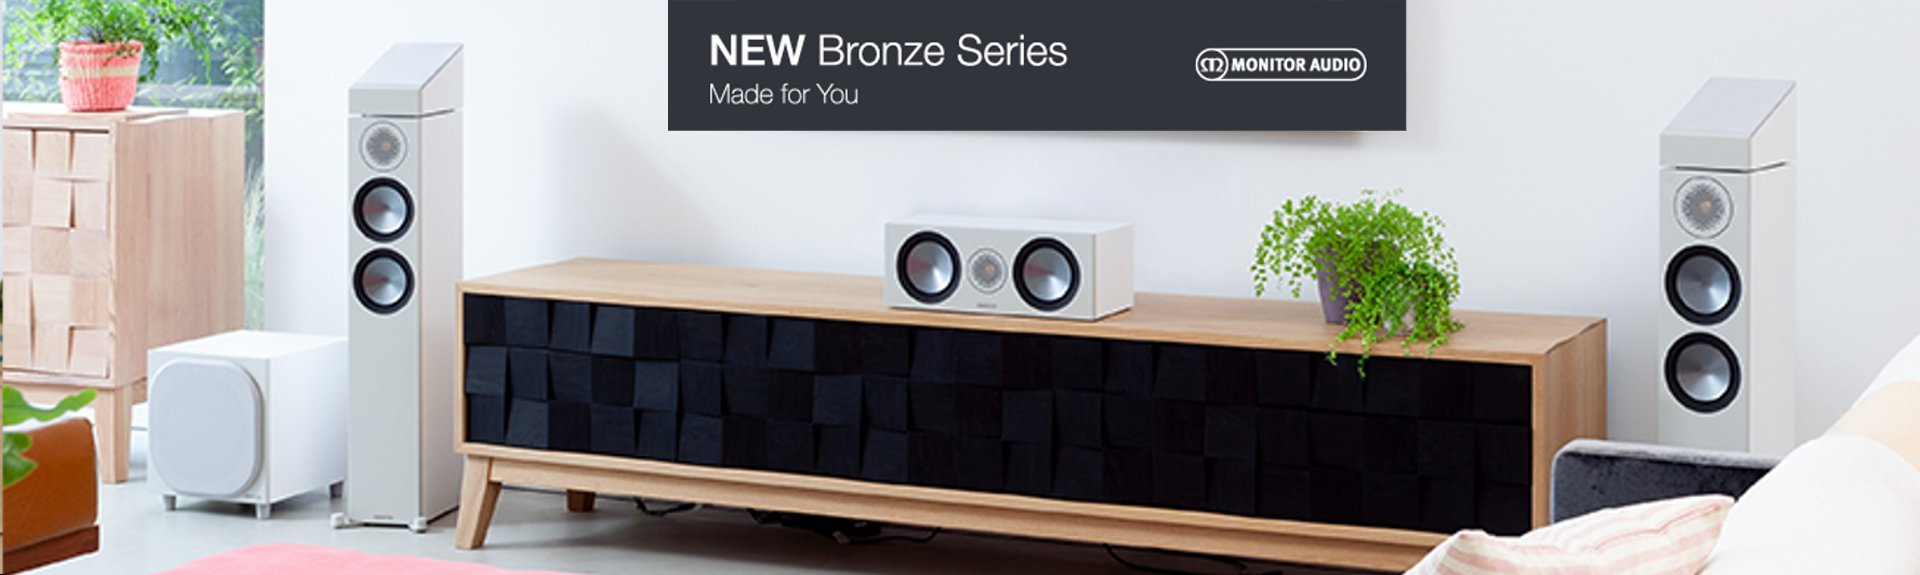 MonitorAudioBronze6G